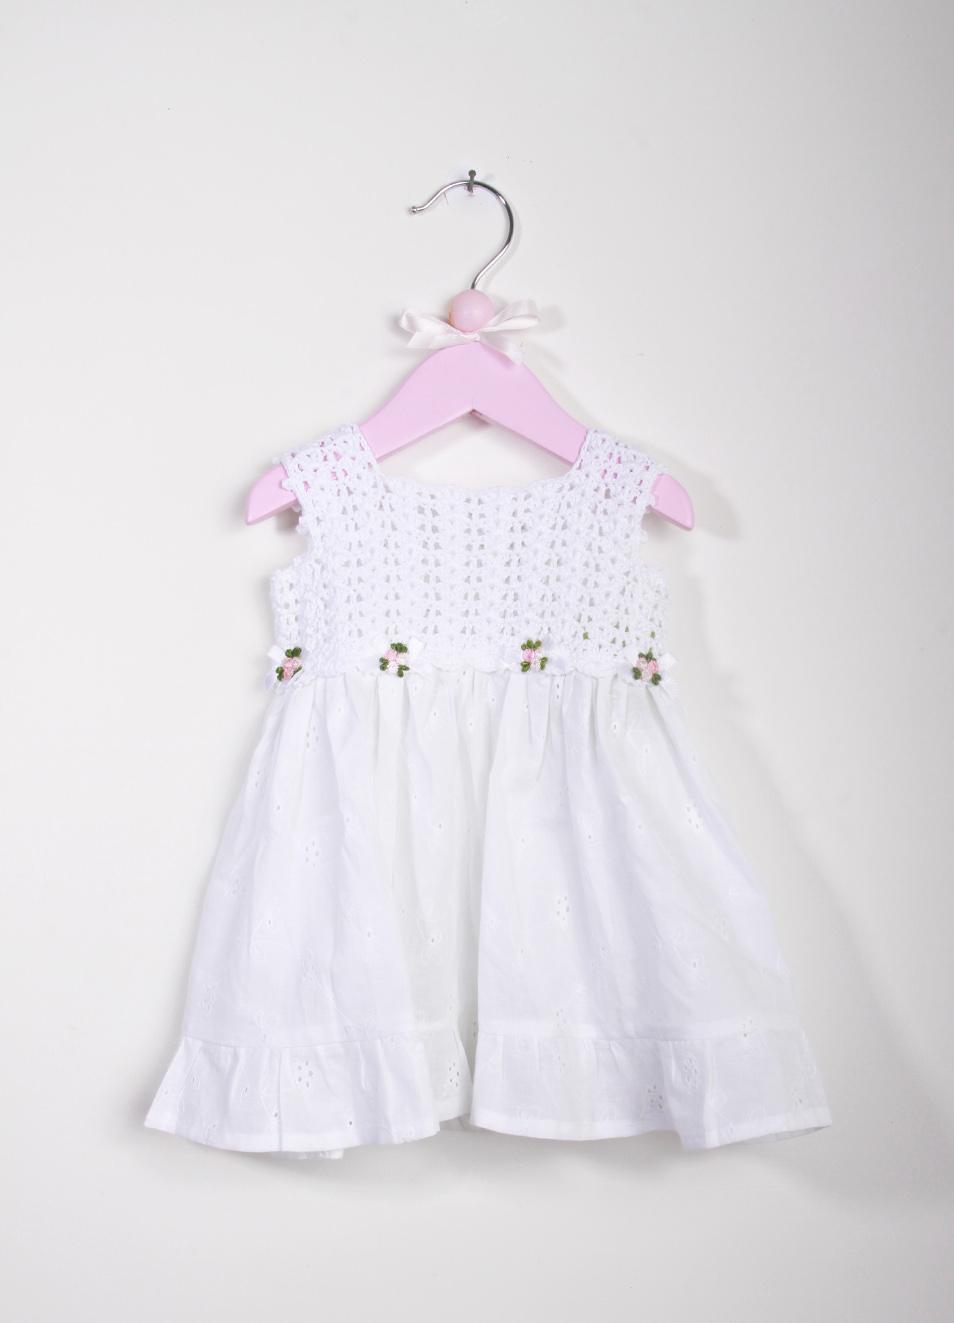 Vestito artigianale in pizzo Sangallo per bambina - La Bottega delle Idee -  Manecapri 92822b9fe3a3